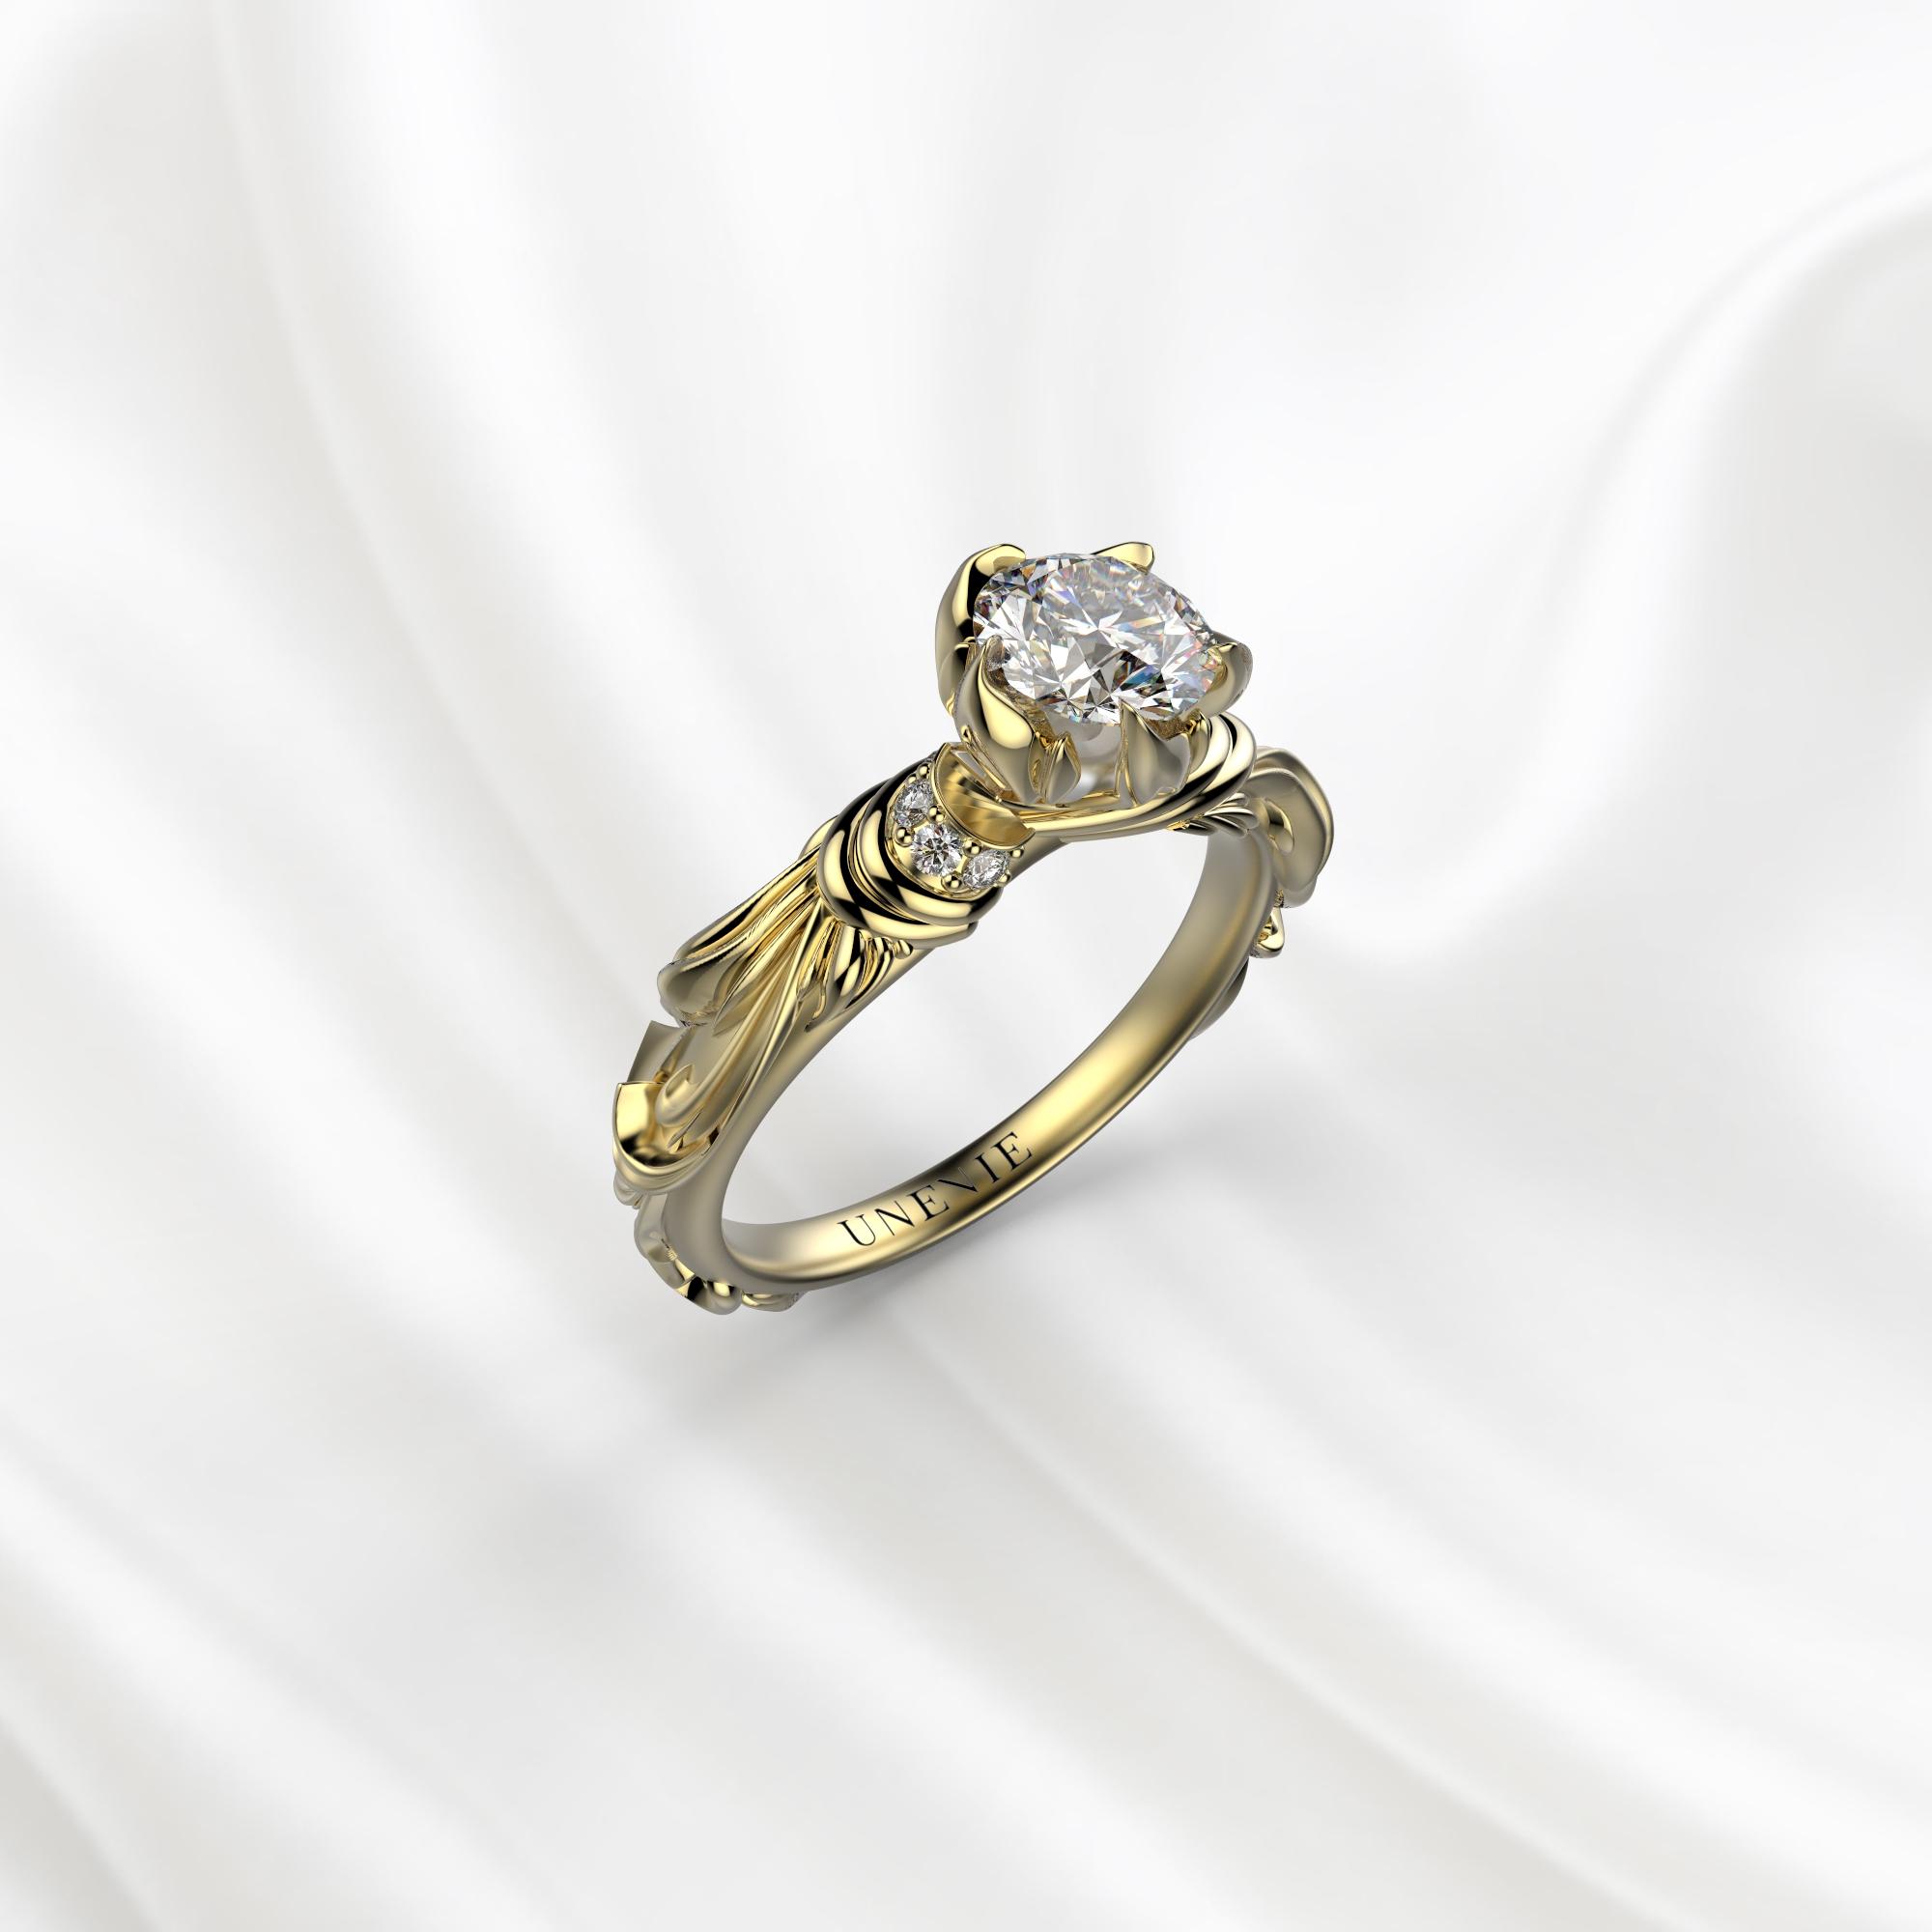 N8 Помолвочное кольцо из желтого золота с бриллиантом 0.4 карат